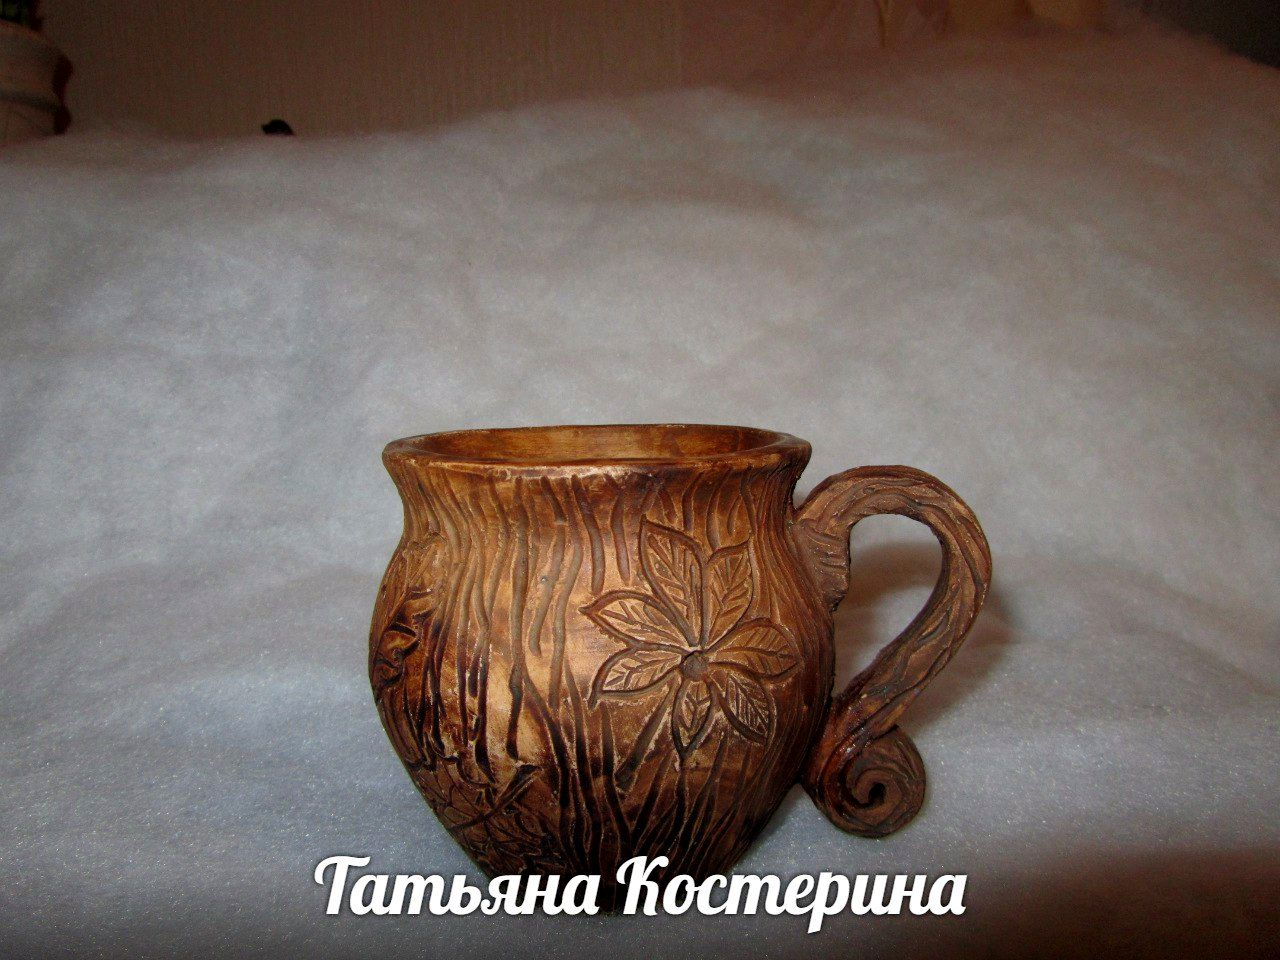 Творчество Татьяны Костериной ПРП КалиновецЪ (4).jpg